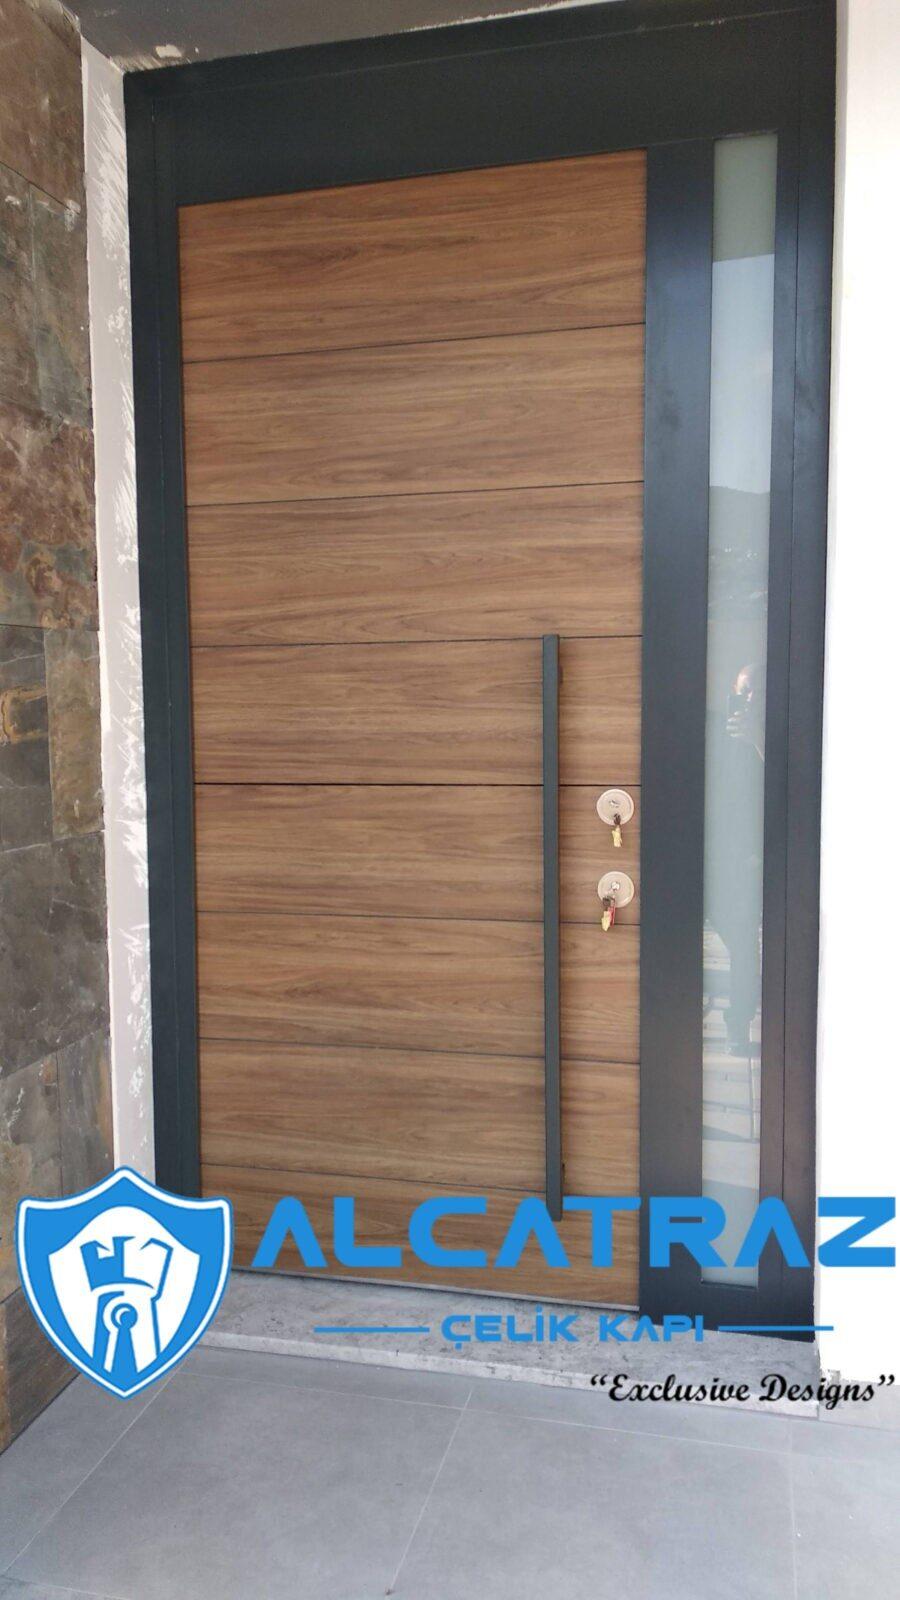 Dış Etkenlere Dayanıklı Çelik Kapı Villa Kapısı Özel Tasarım Kompozit Çelik Kapı Modelleri Alcatraz Çelik Kapı